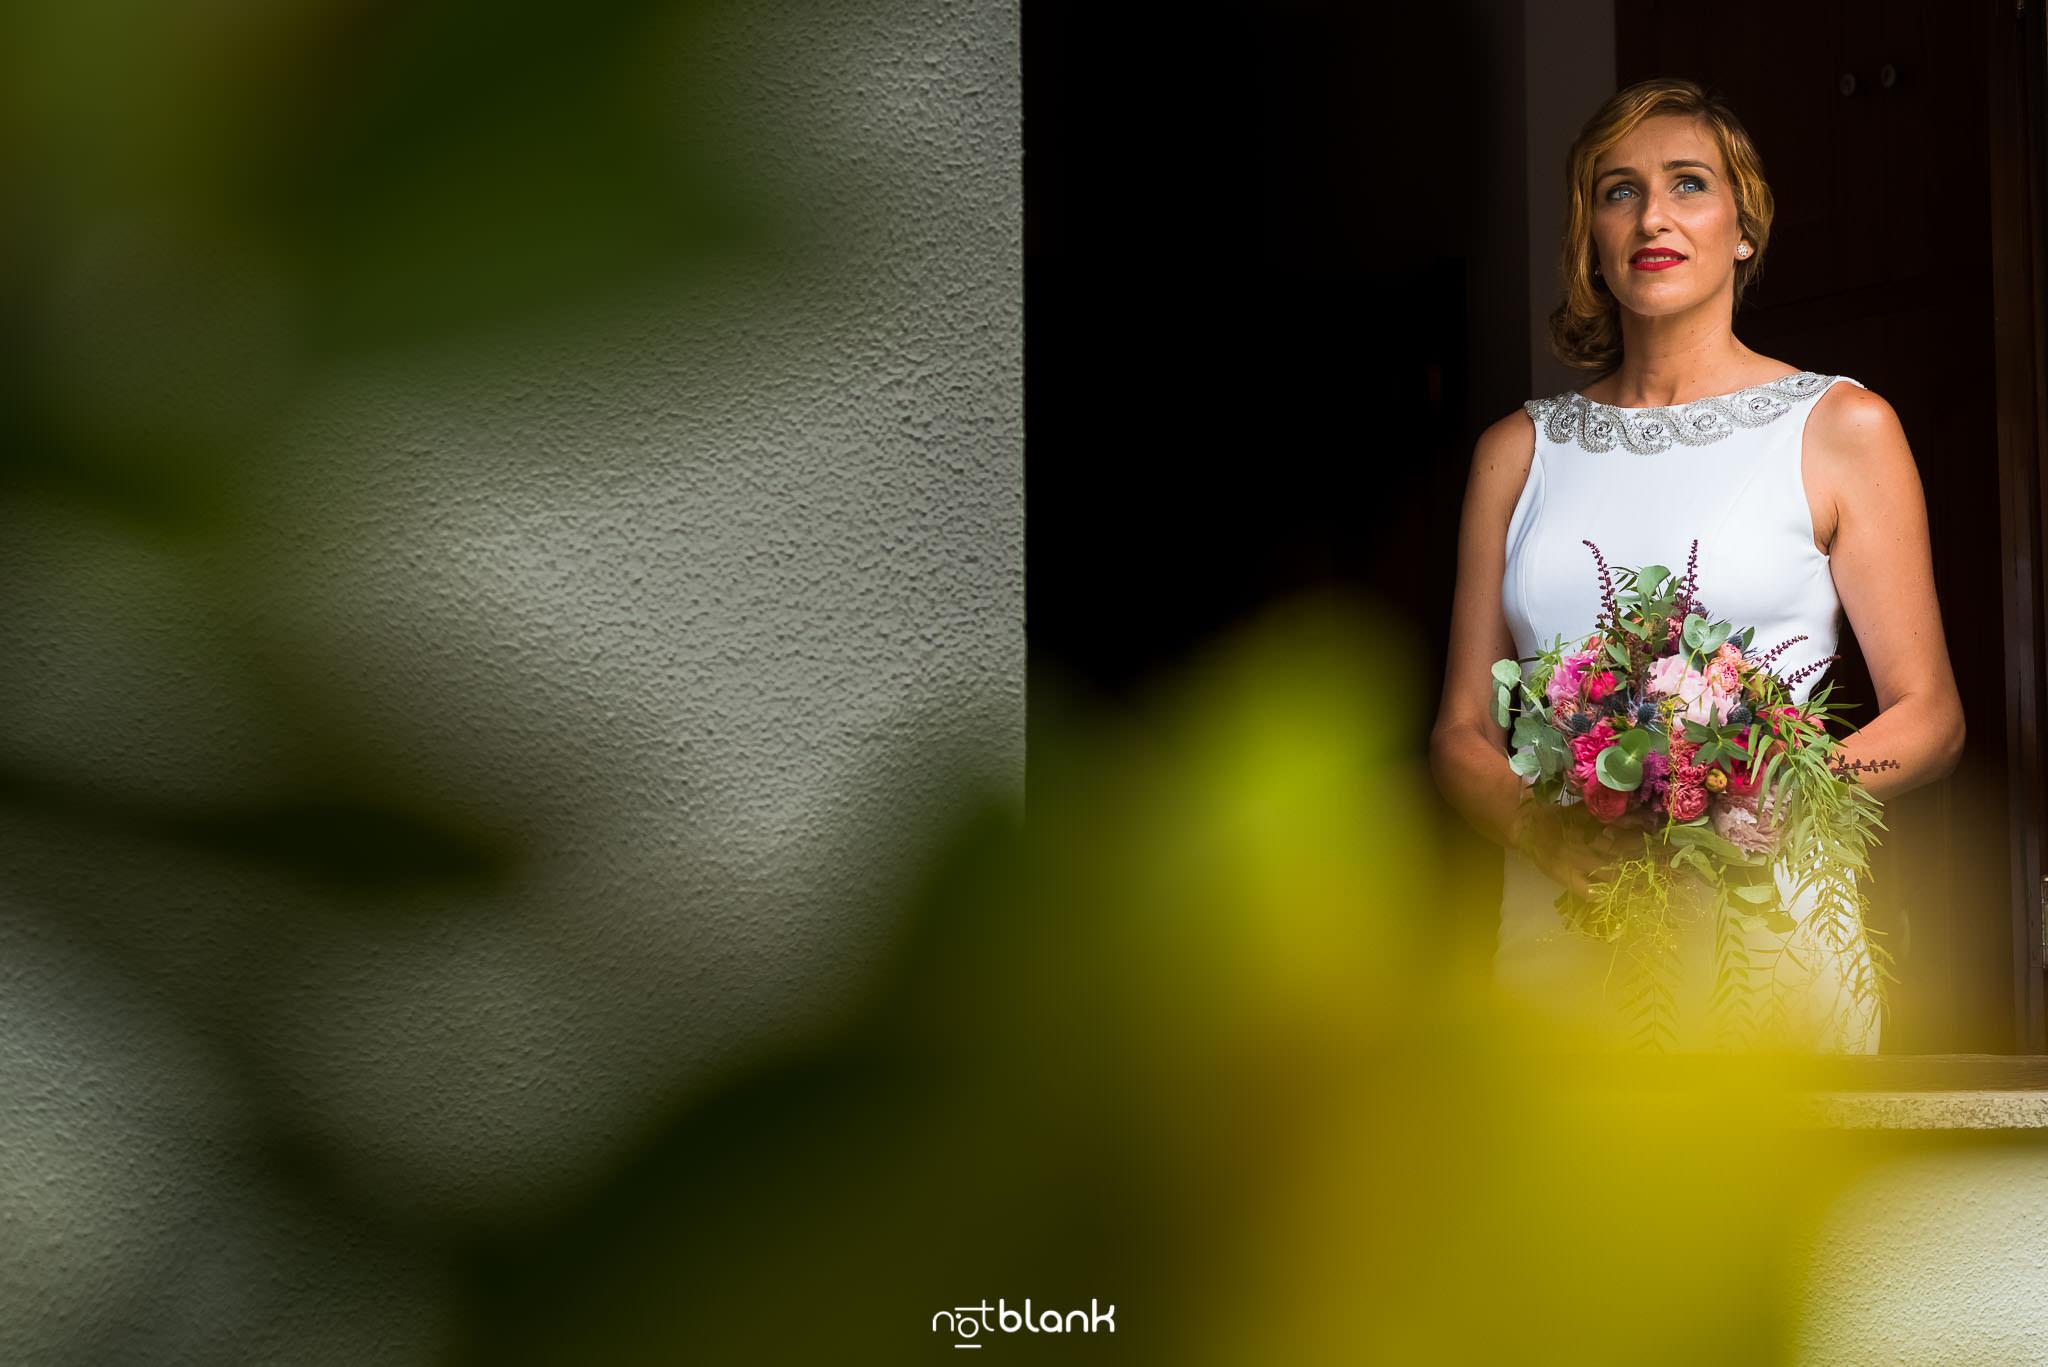 Boda-En-Jardin-De Casa-Jana-Fran-Notblank-Fotografos-de-boda